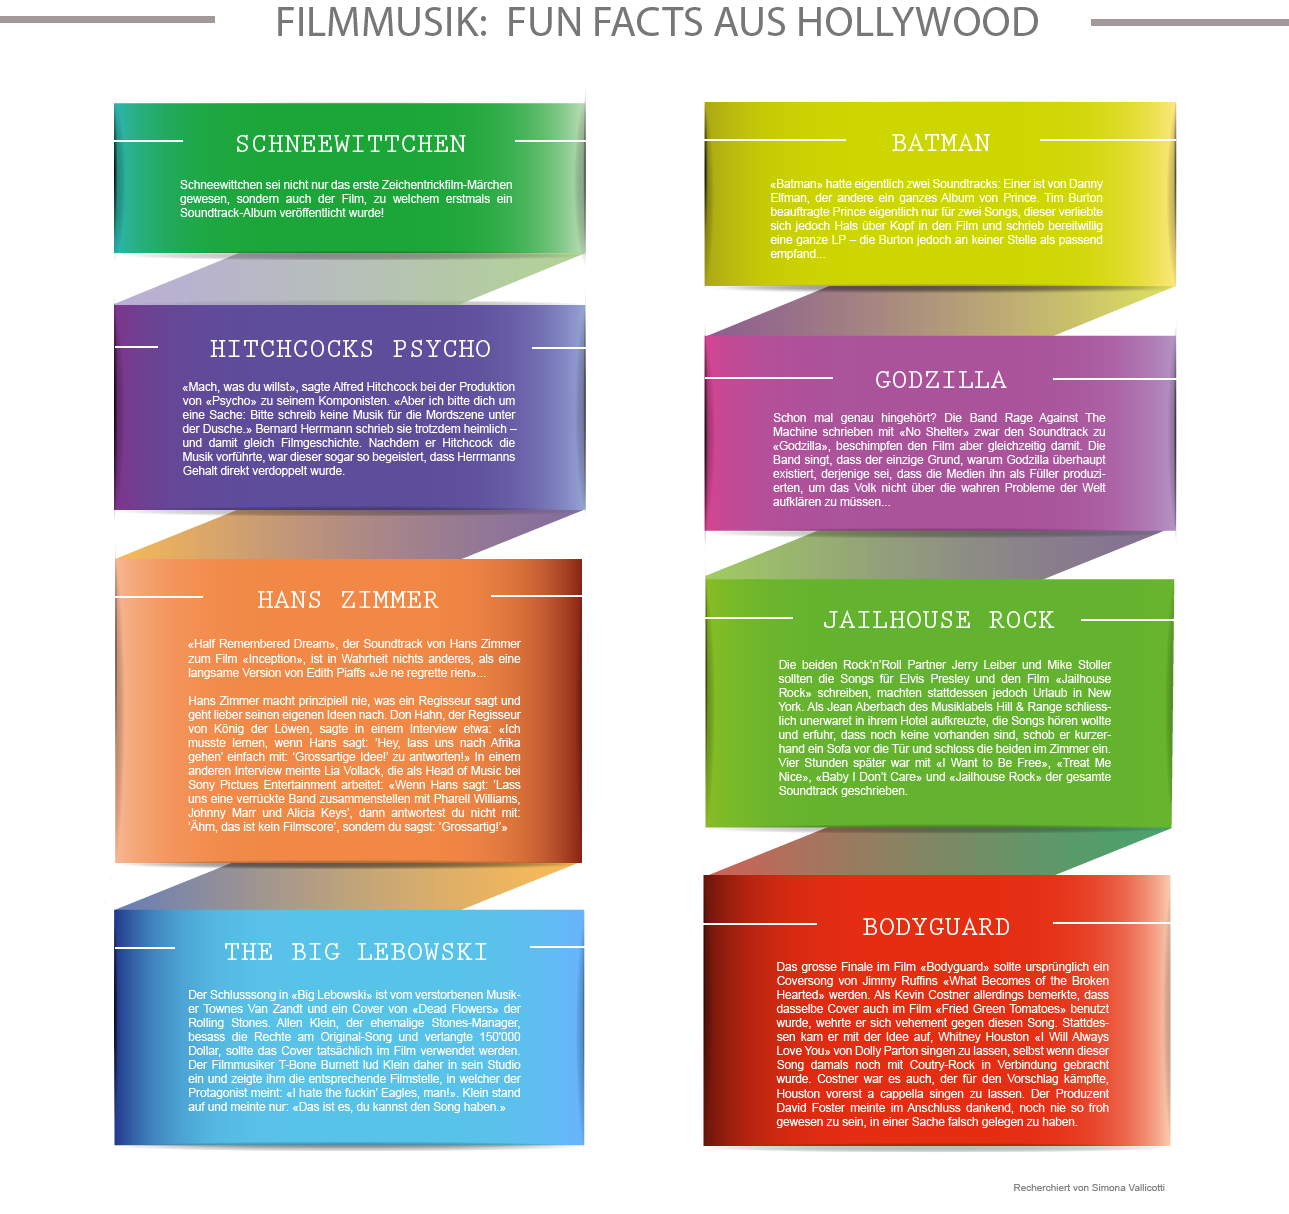 FilmmusikFunFacts